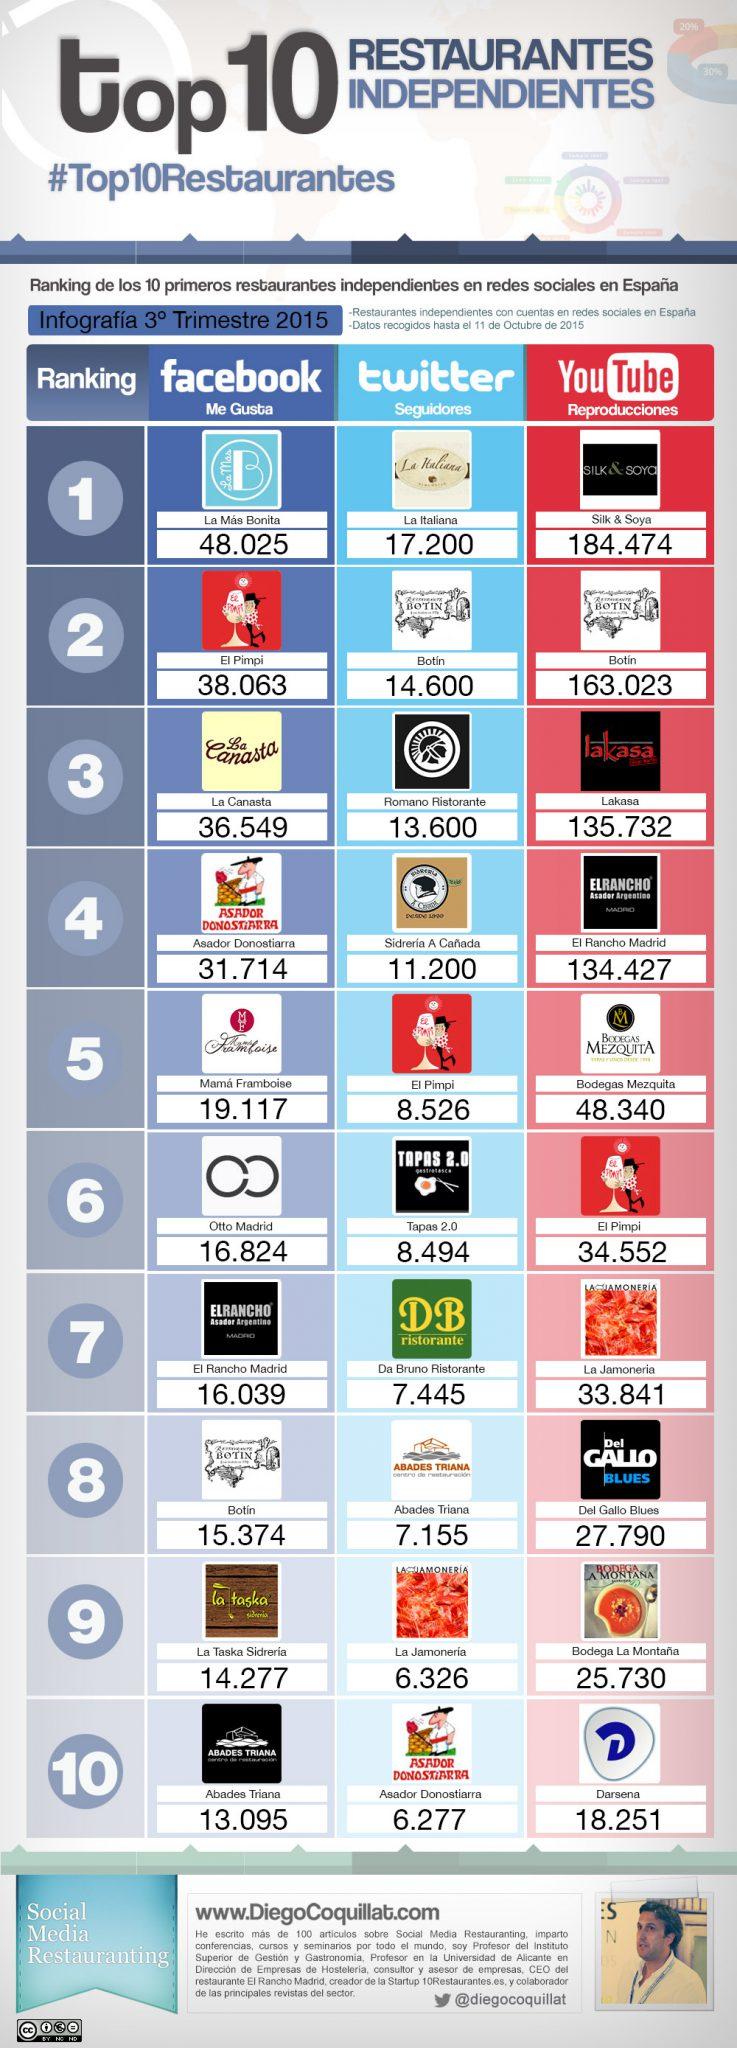 Infografía de los mejores restaurantes independientes en twitter, facebook y youtube en el tercer trimestre del 2015